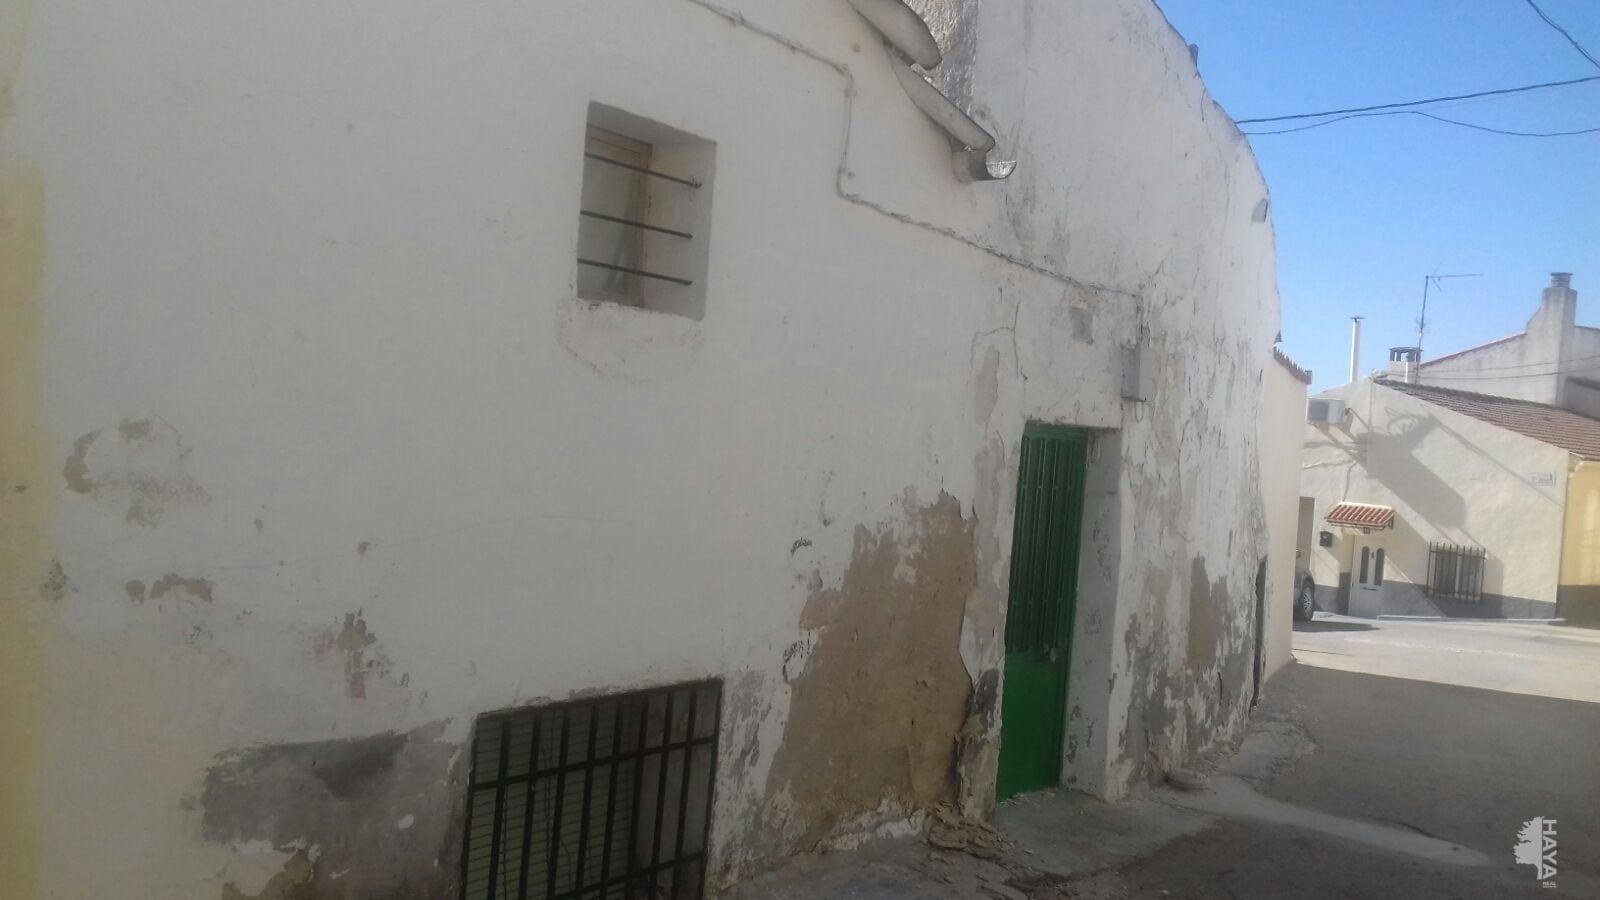 Casa en venta en Saelices, Saelices, españa, Calle Cantarranas, 6.422 €, 2 habitaciones, 2 baños, 57 m2